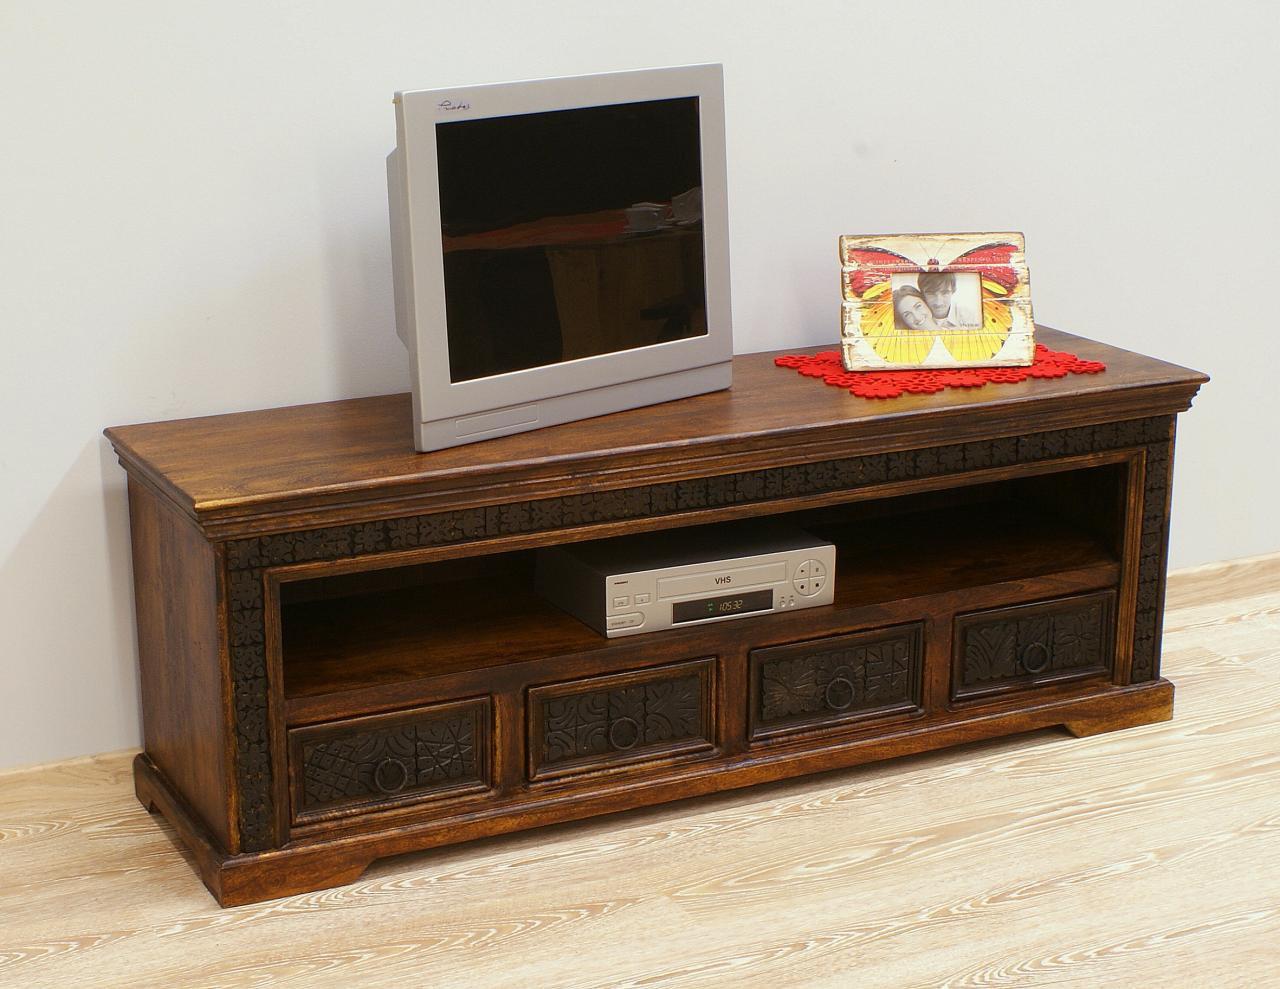 Szafka pod telewizor komoda RTV kolonialna indyjska lite drewno akacja indyjska rzeźbiona 4 szuflady